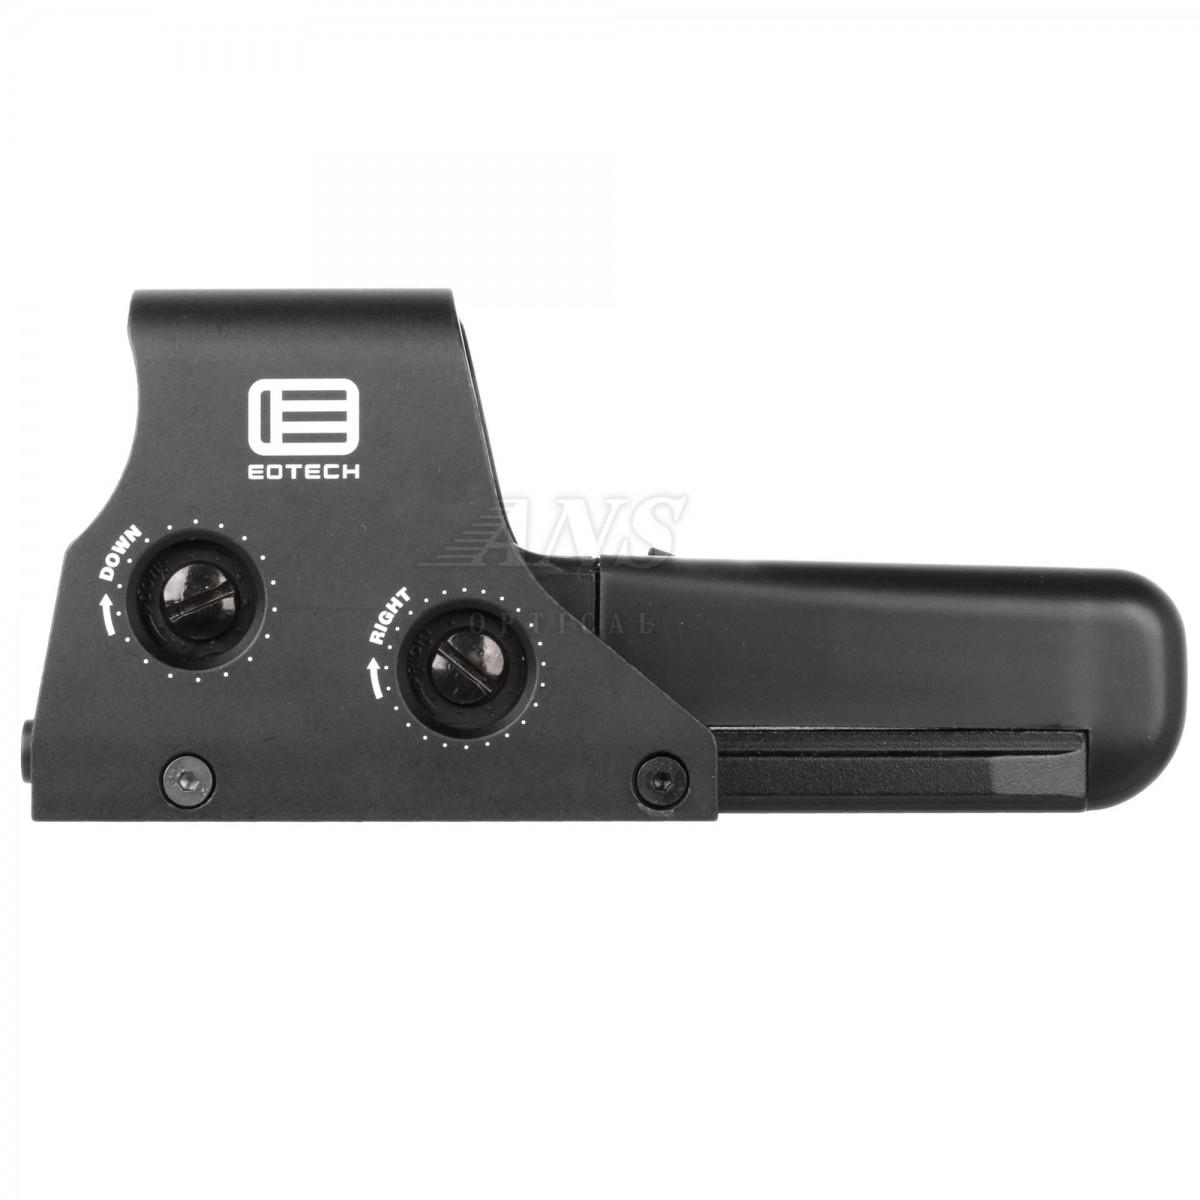 Eo.HD557 A65 タイプ ホロサイト型 ドットサイト